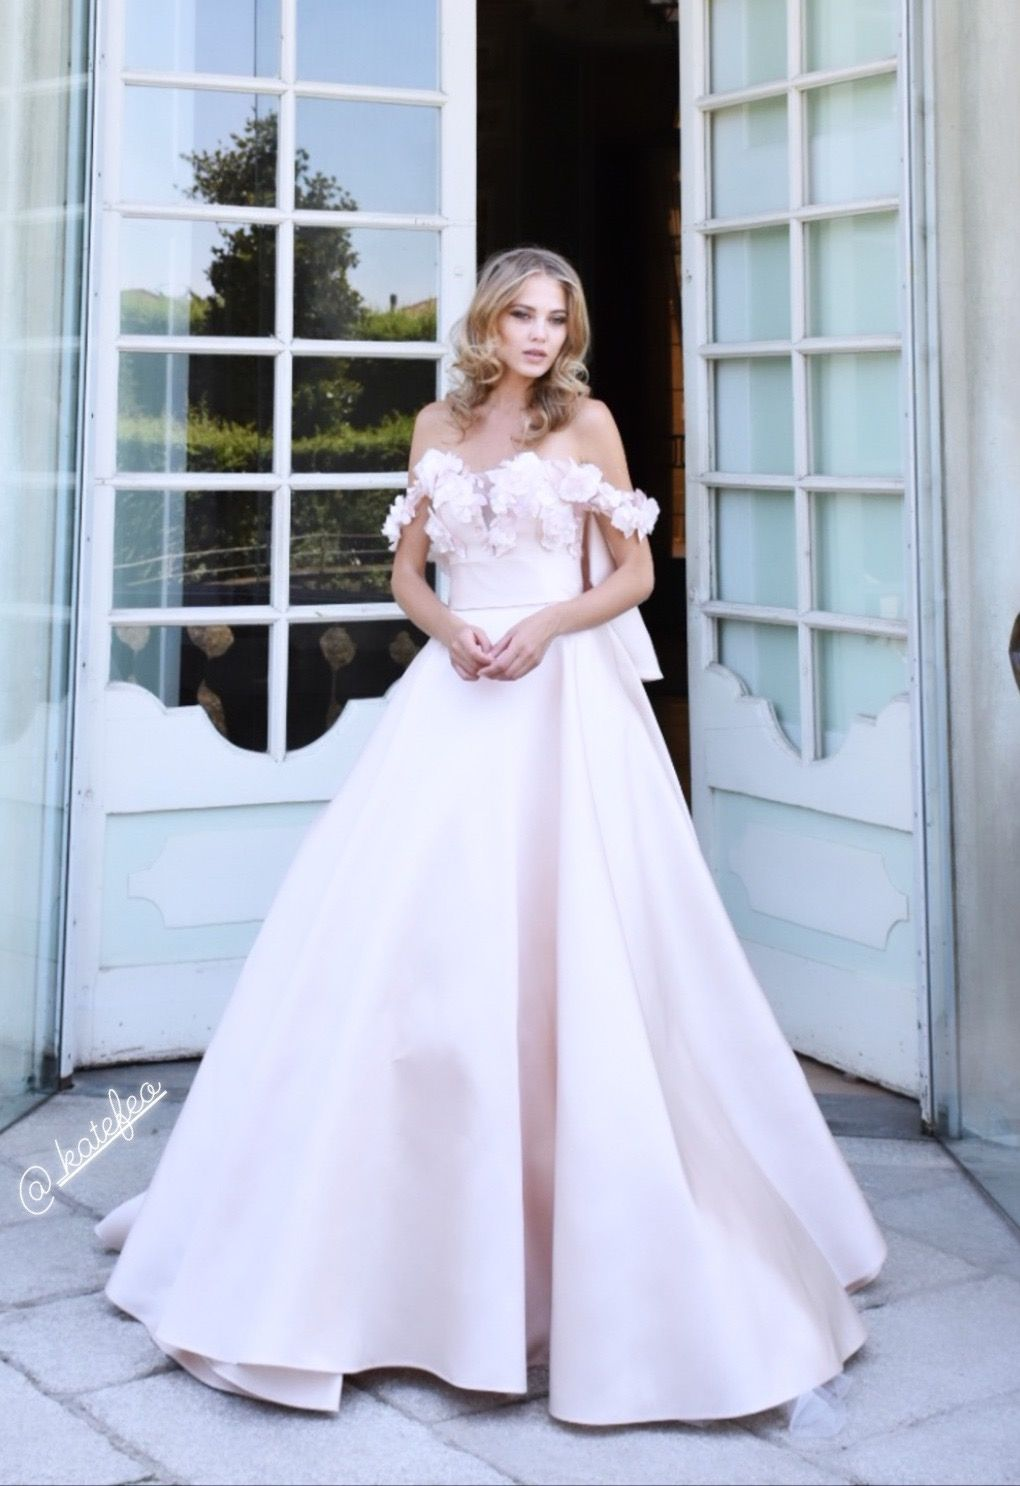 Abiti Da Sposa Di Seta.La Sposa 2020 Dello Stilista Stefano Blandaleone Abiti Da Sposa